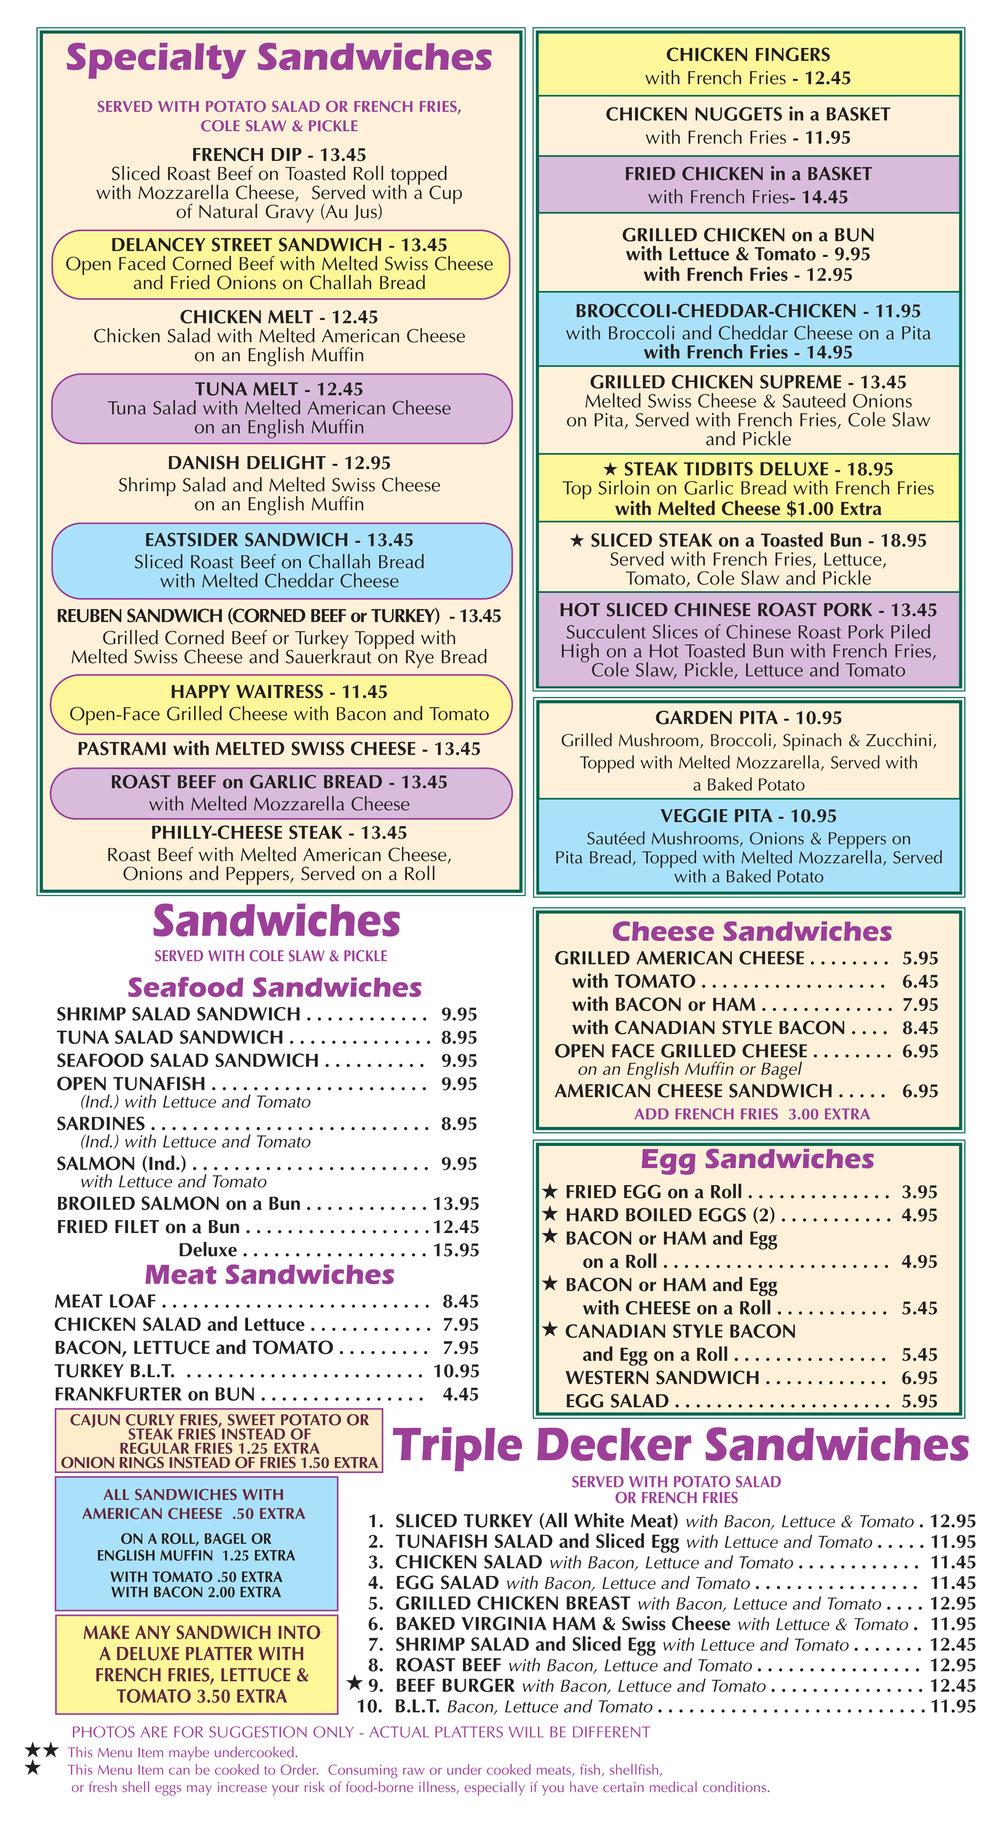 SandwichsPitaMenu00.jpg